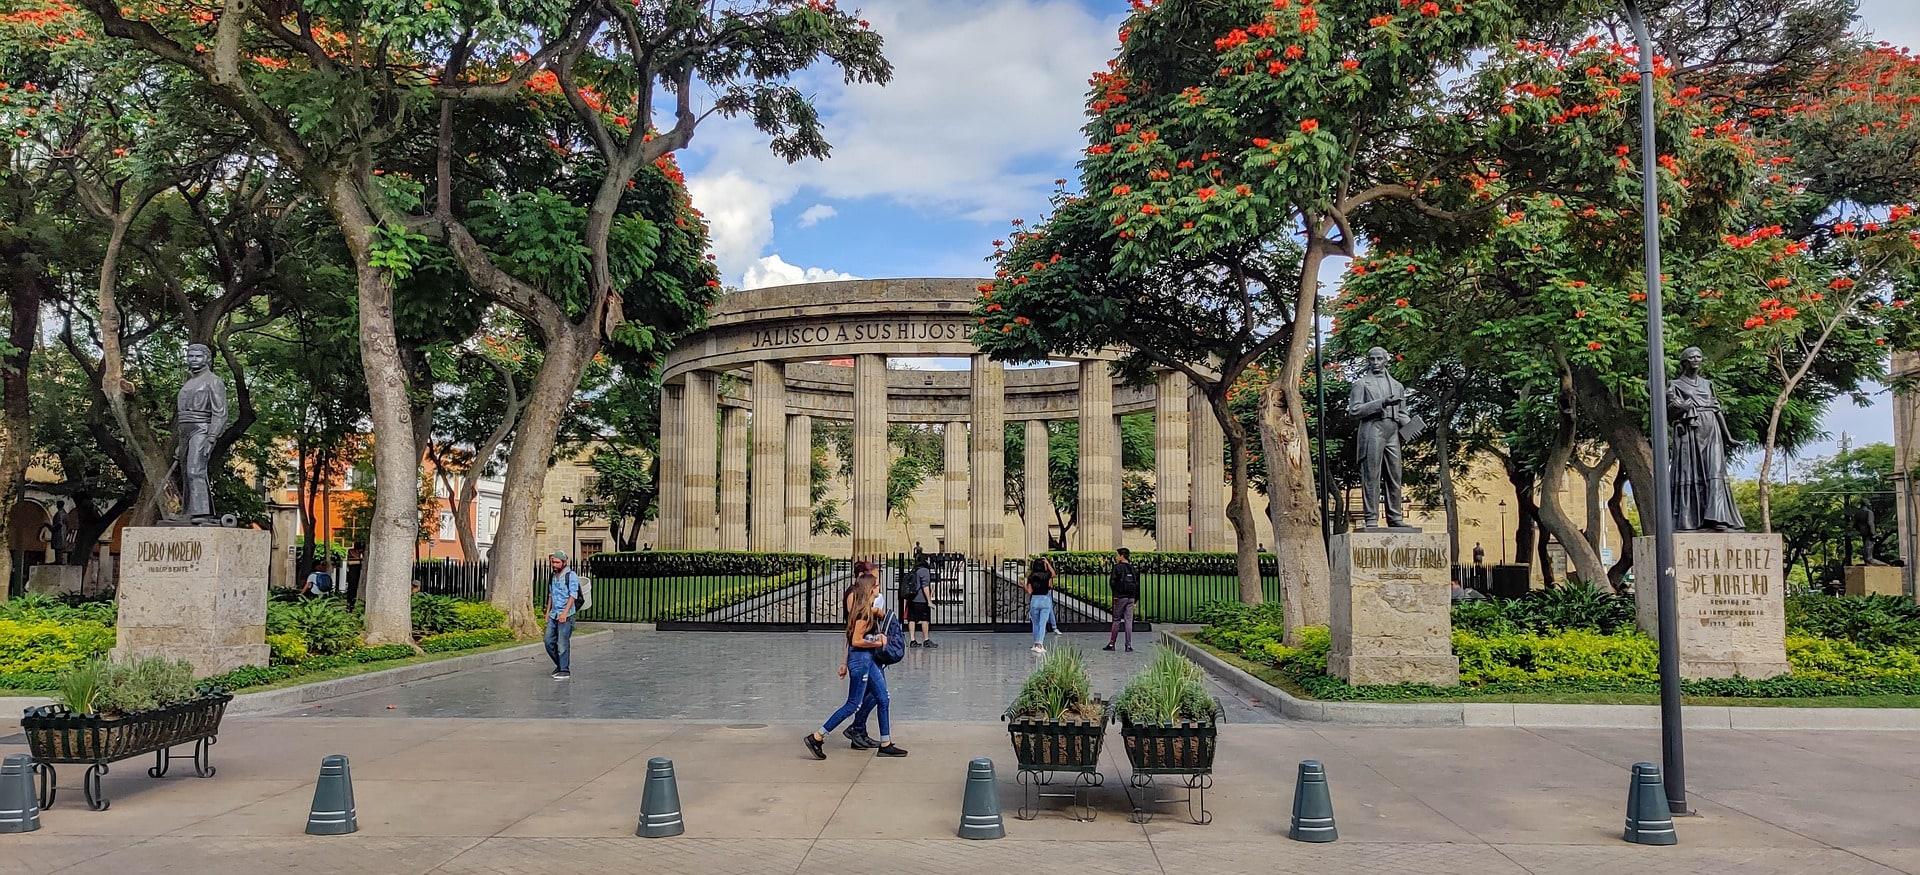 Qué ver en Guadalajara, Jalisco